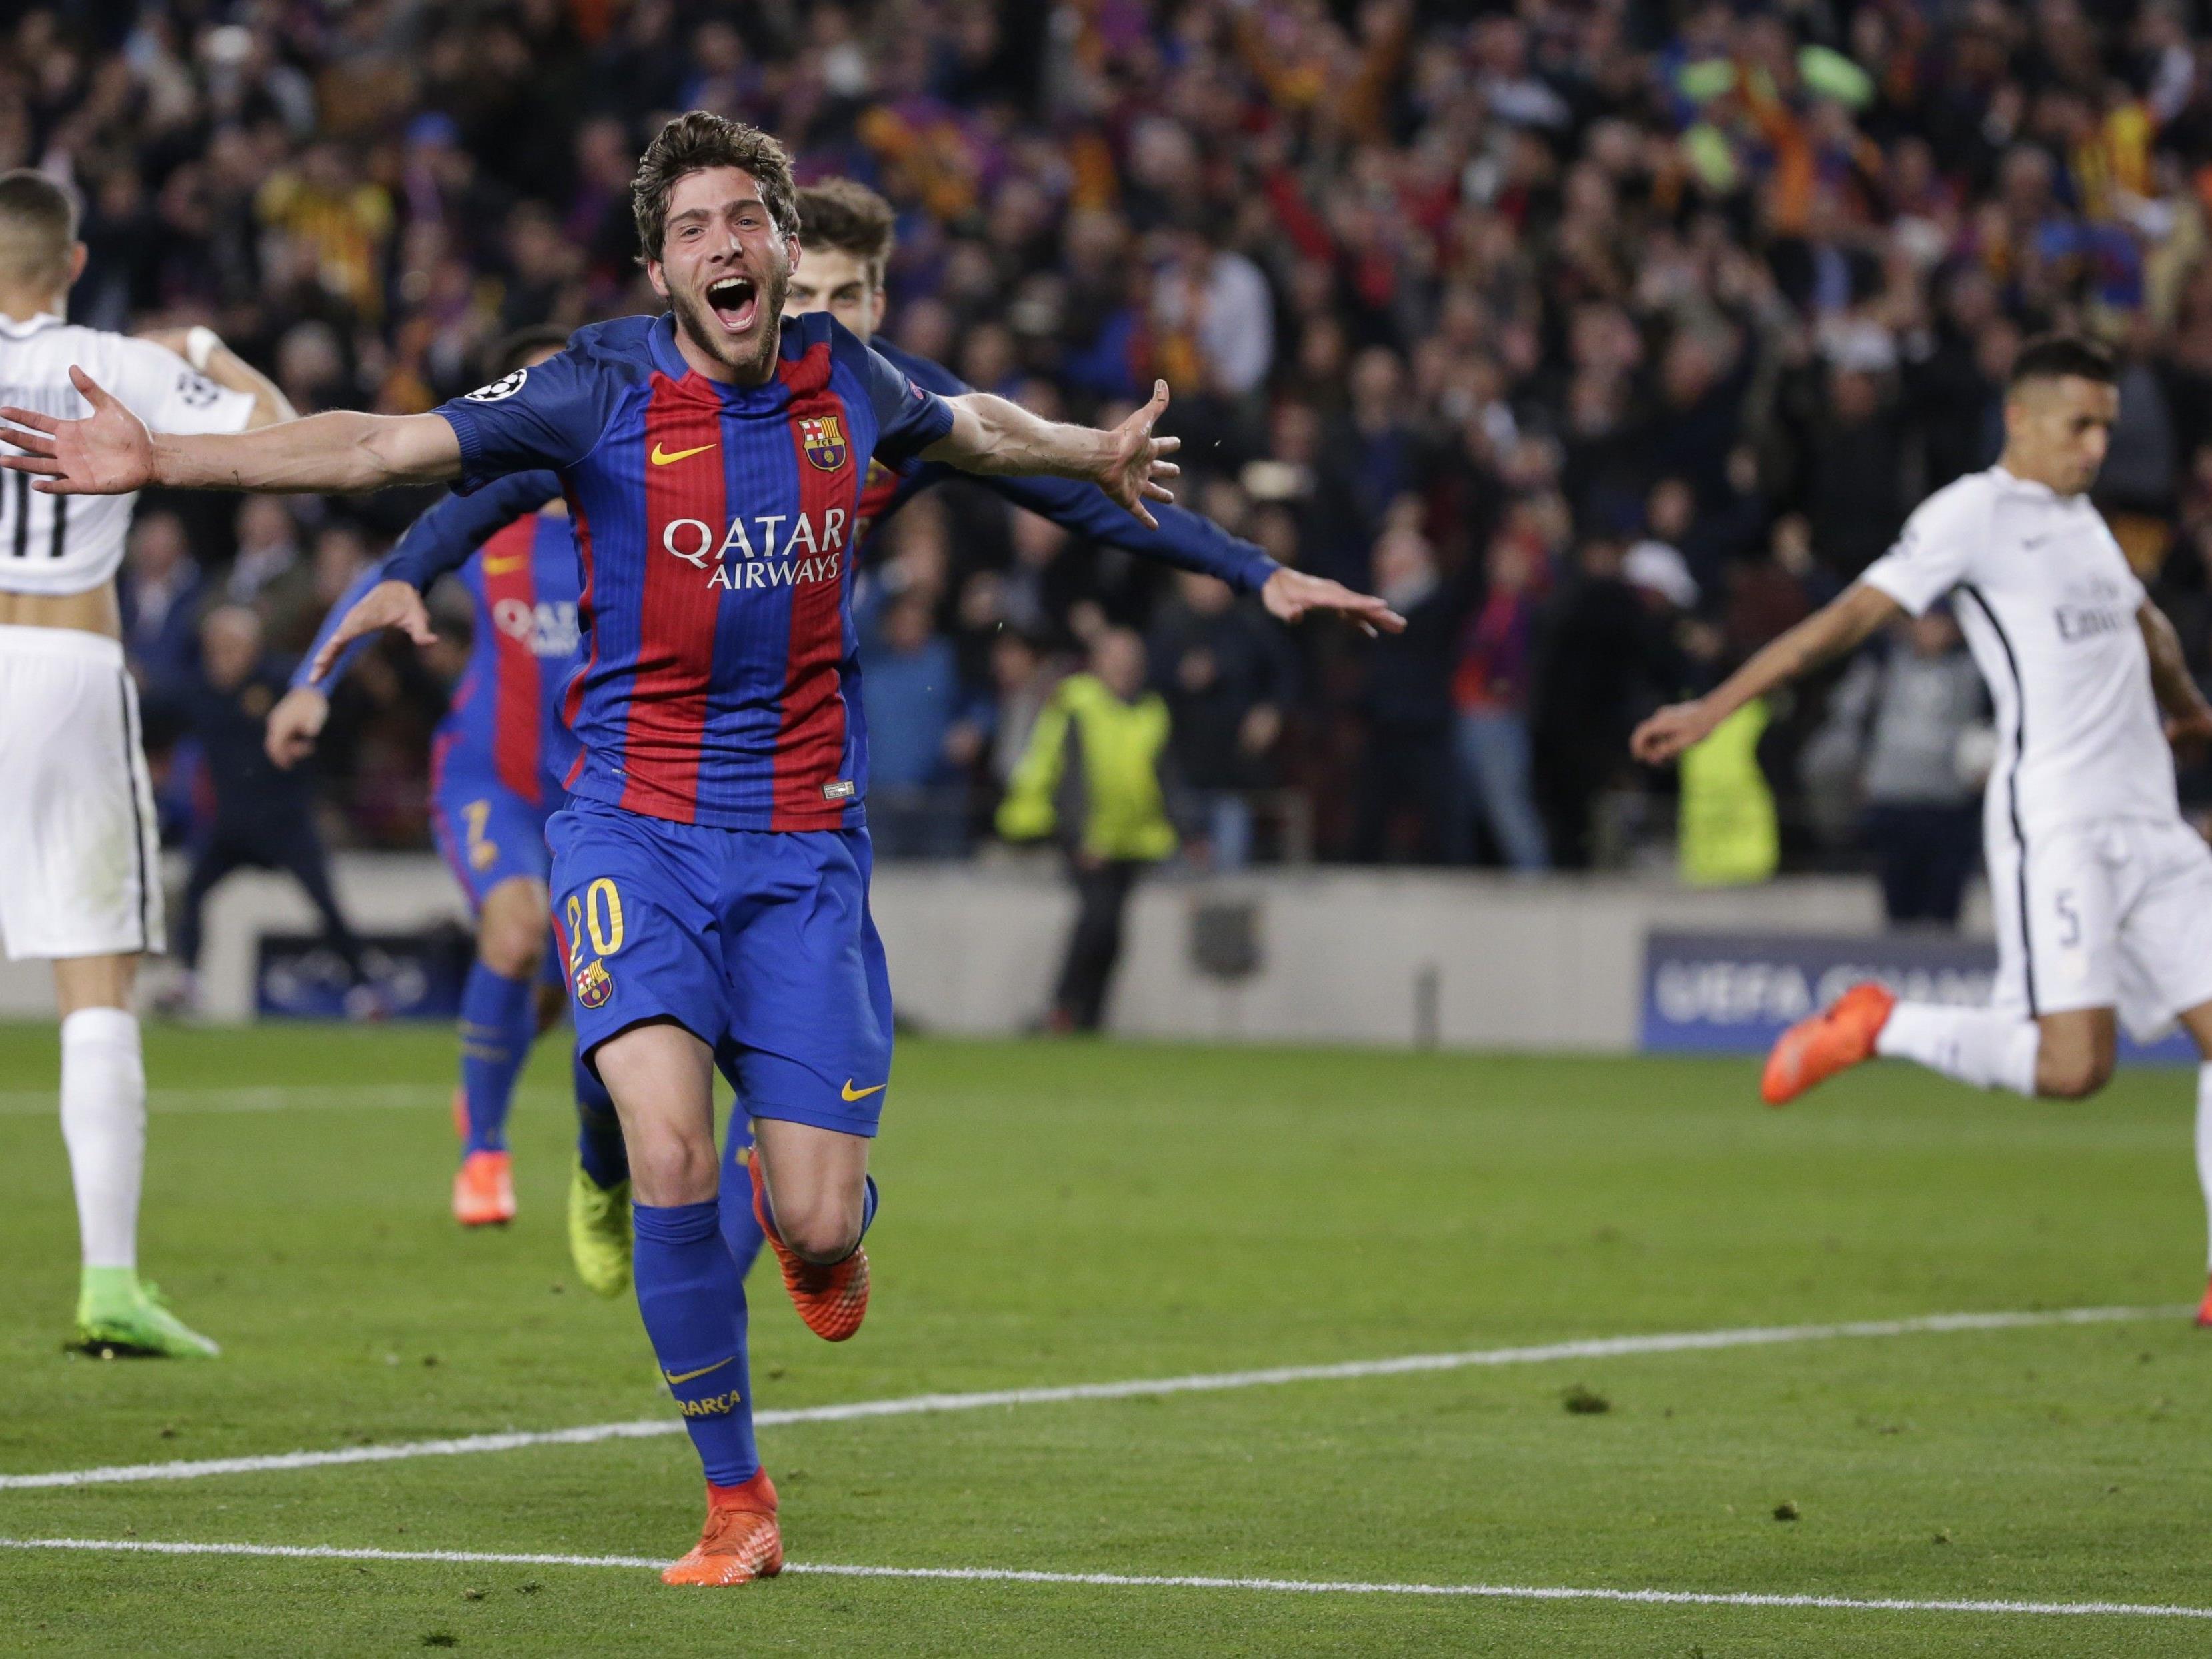 Sergi Roberto schoss in der fünften Minute das entscheidene 6:1 für den FC Barcelona.